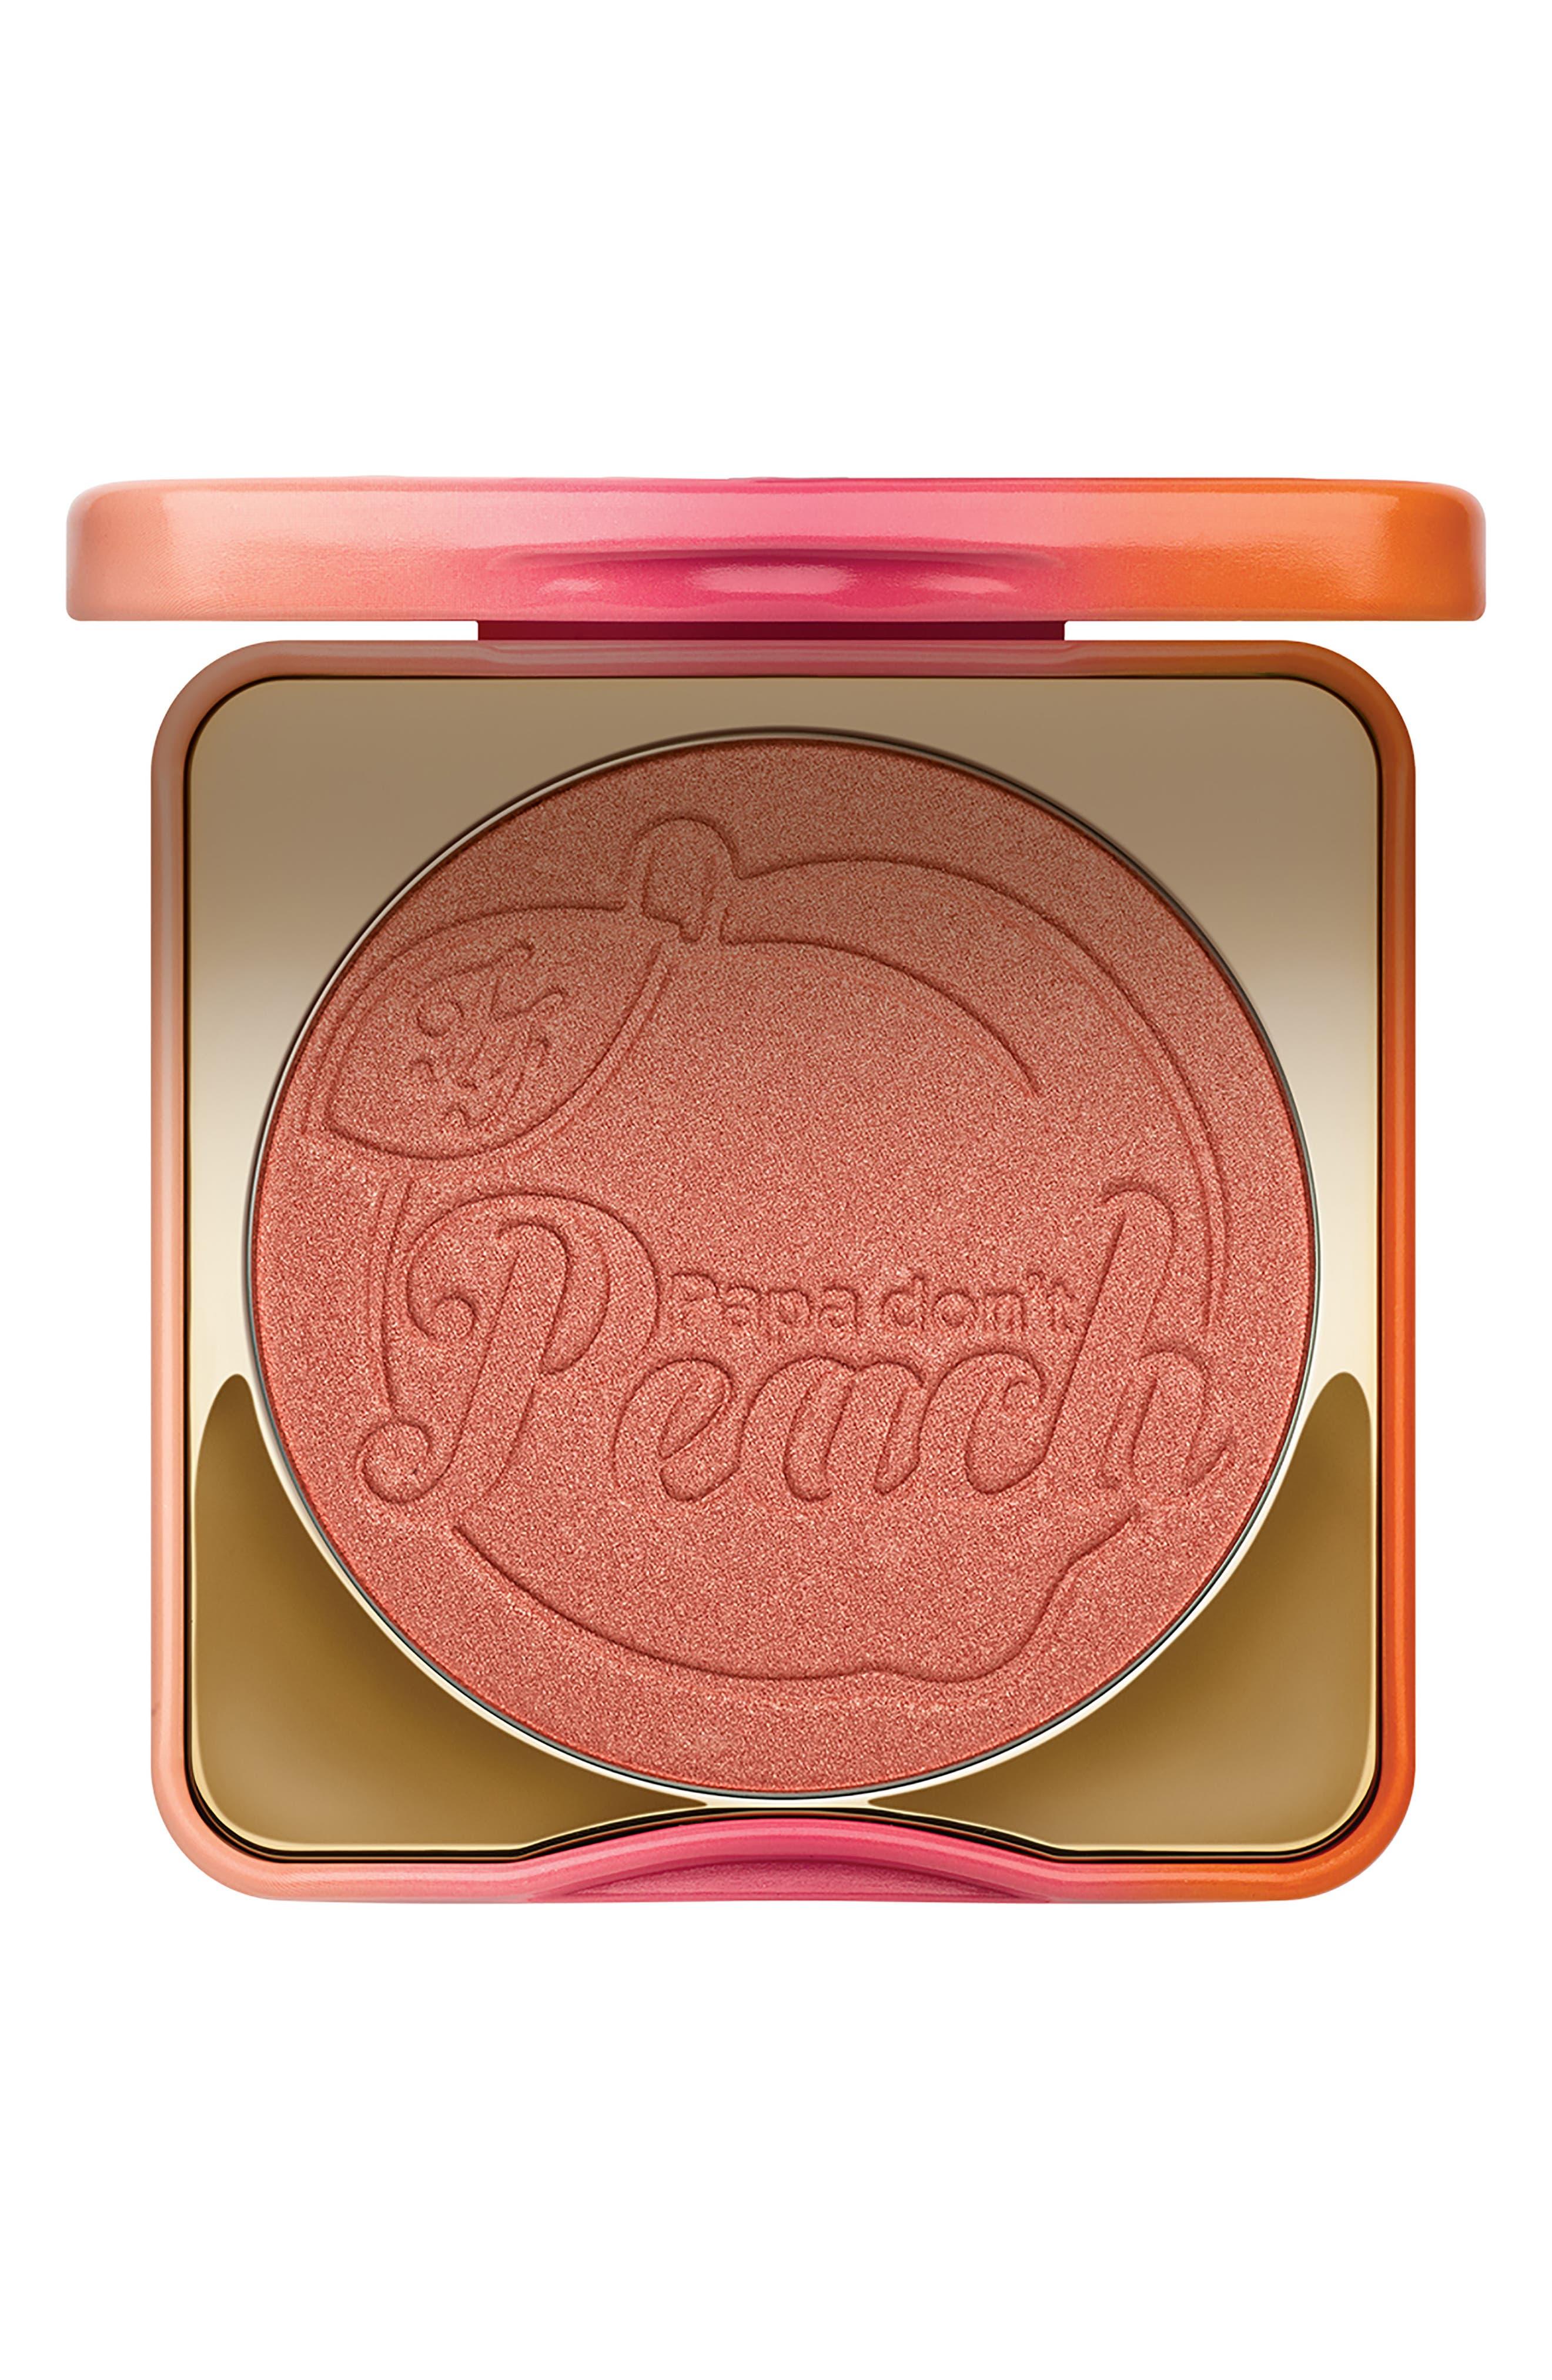 Papa Don't Peach Blush,                             Main thumbnail 1, color,                             Peach